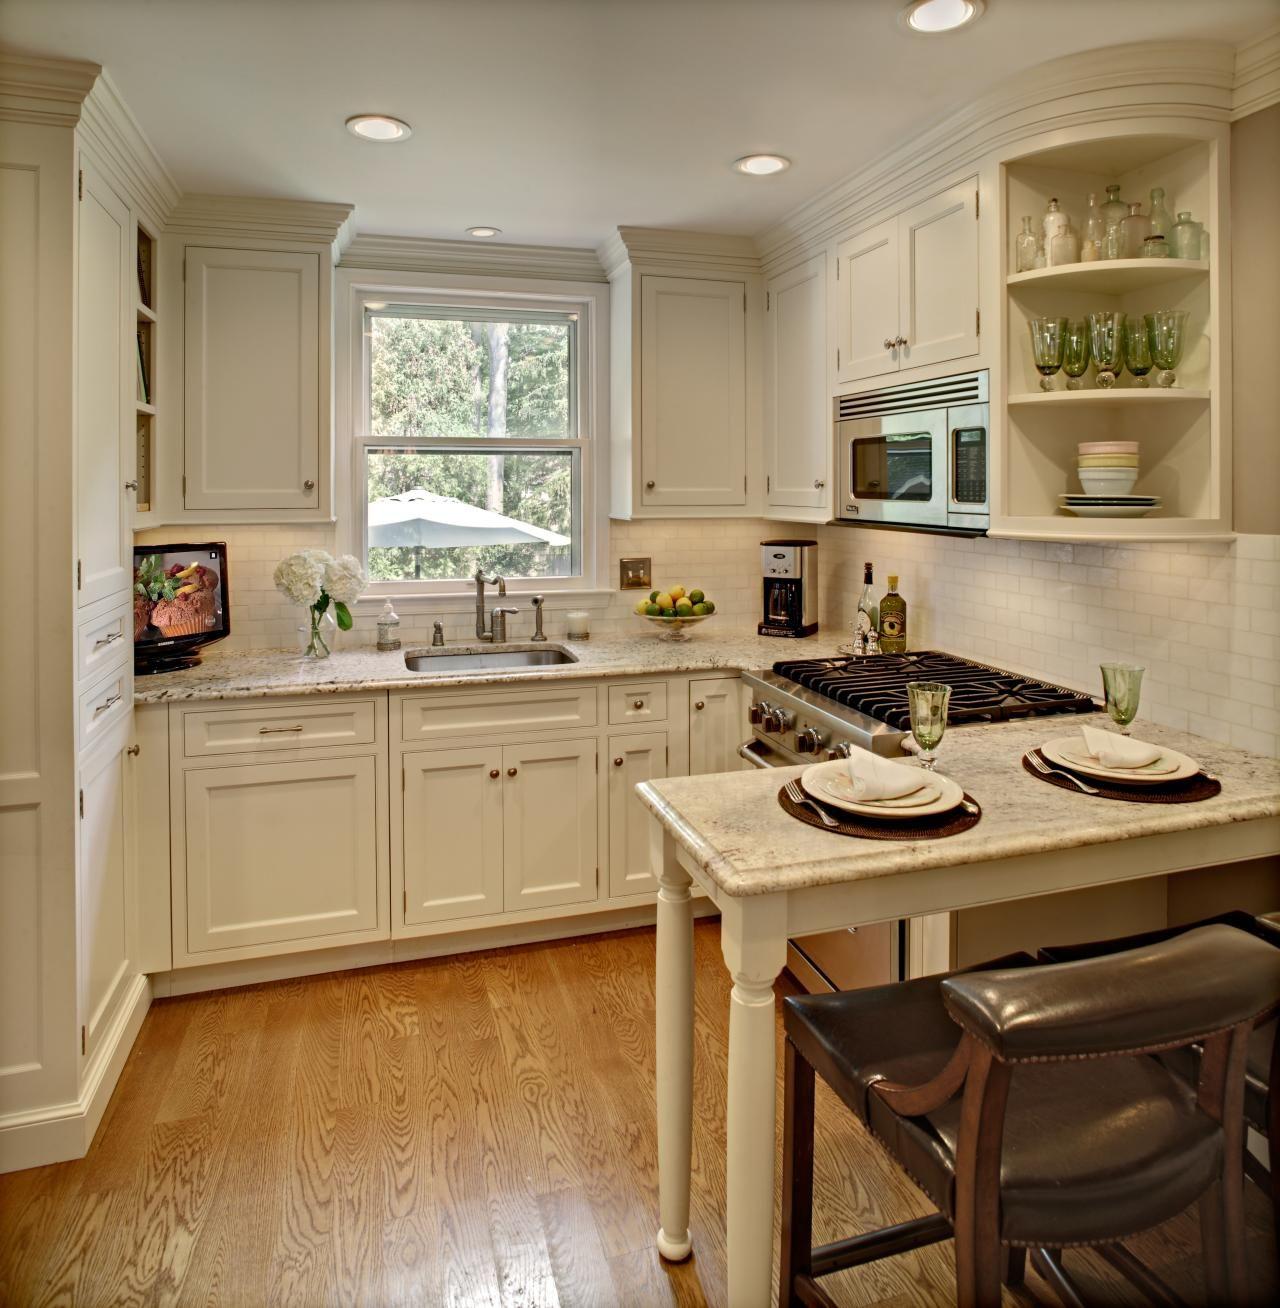 Small Kitchen Square Kitchen Layout Peninsula Kitchen Design Small Kitchen Layouts,Kitchen Updates On A Budget